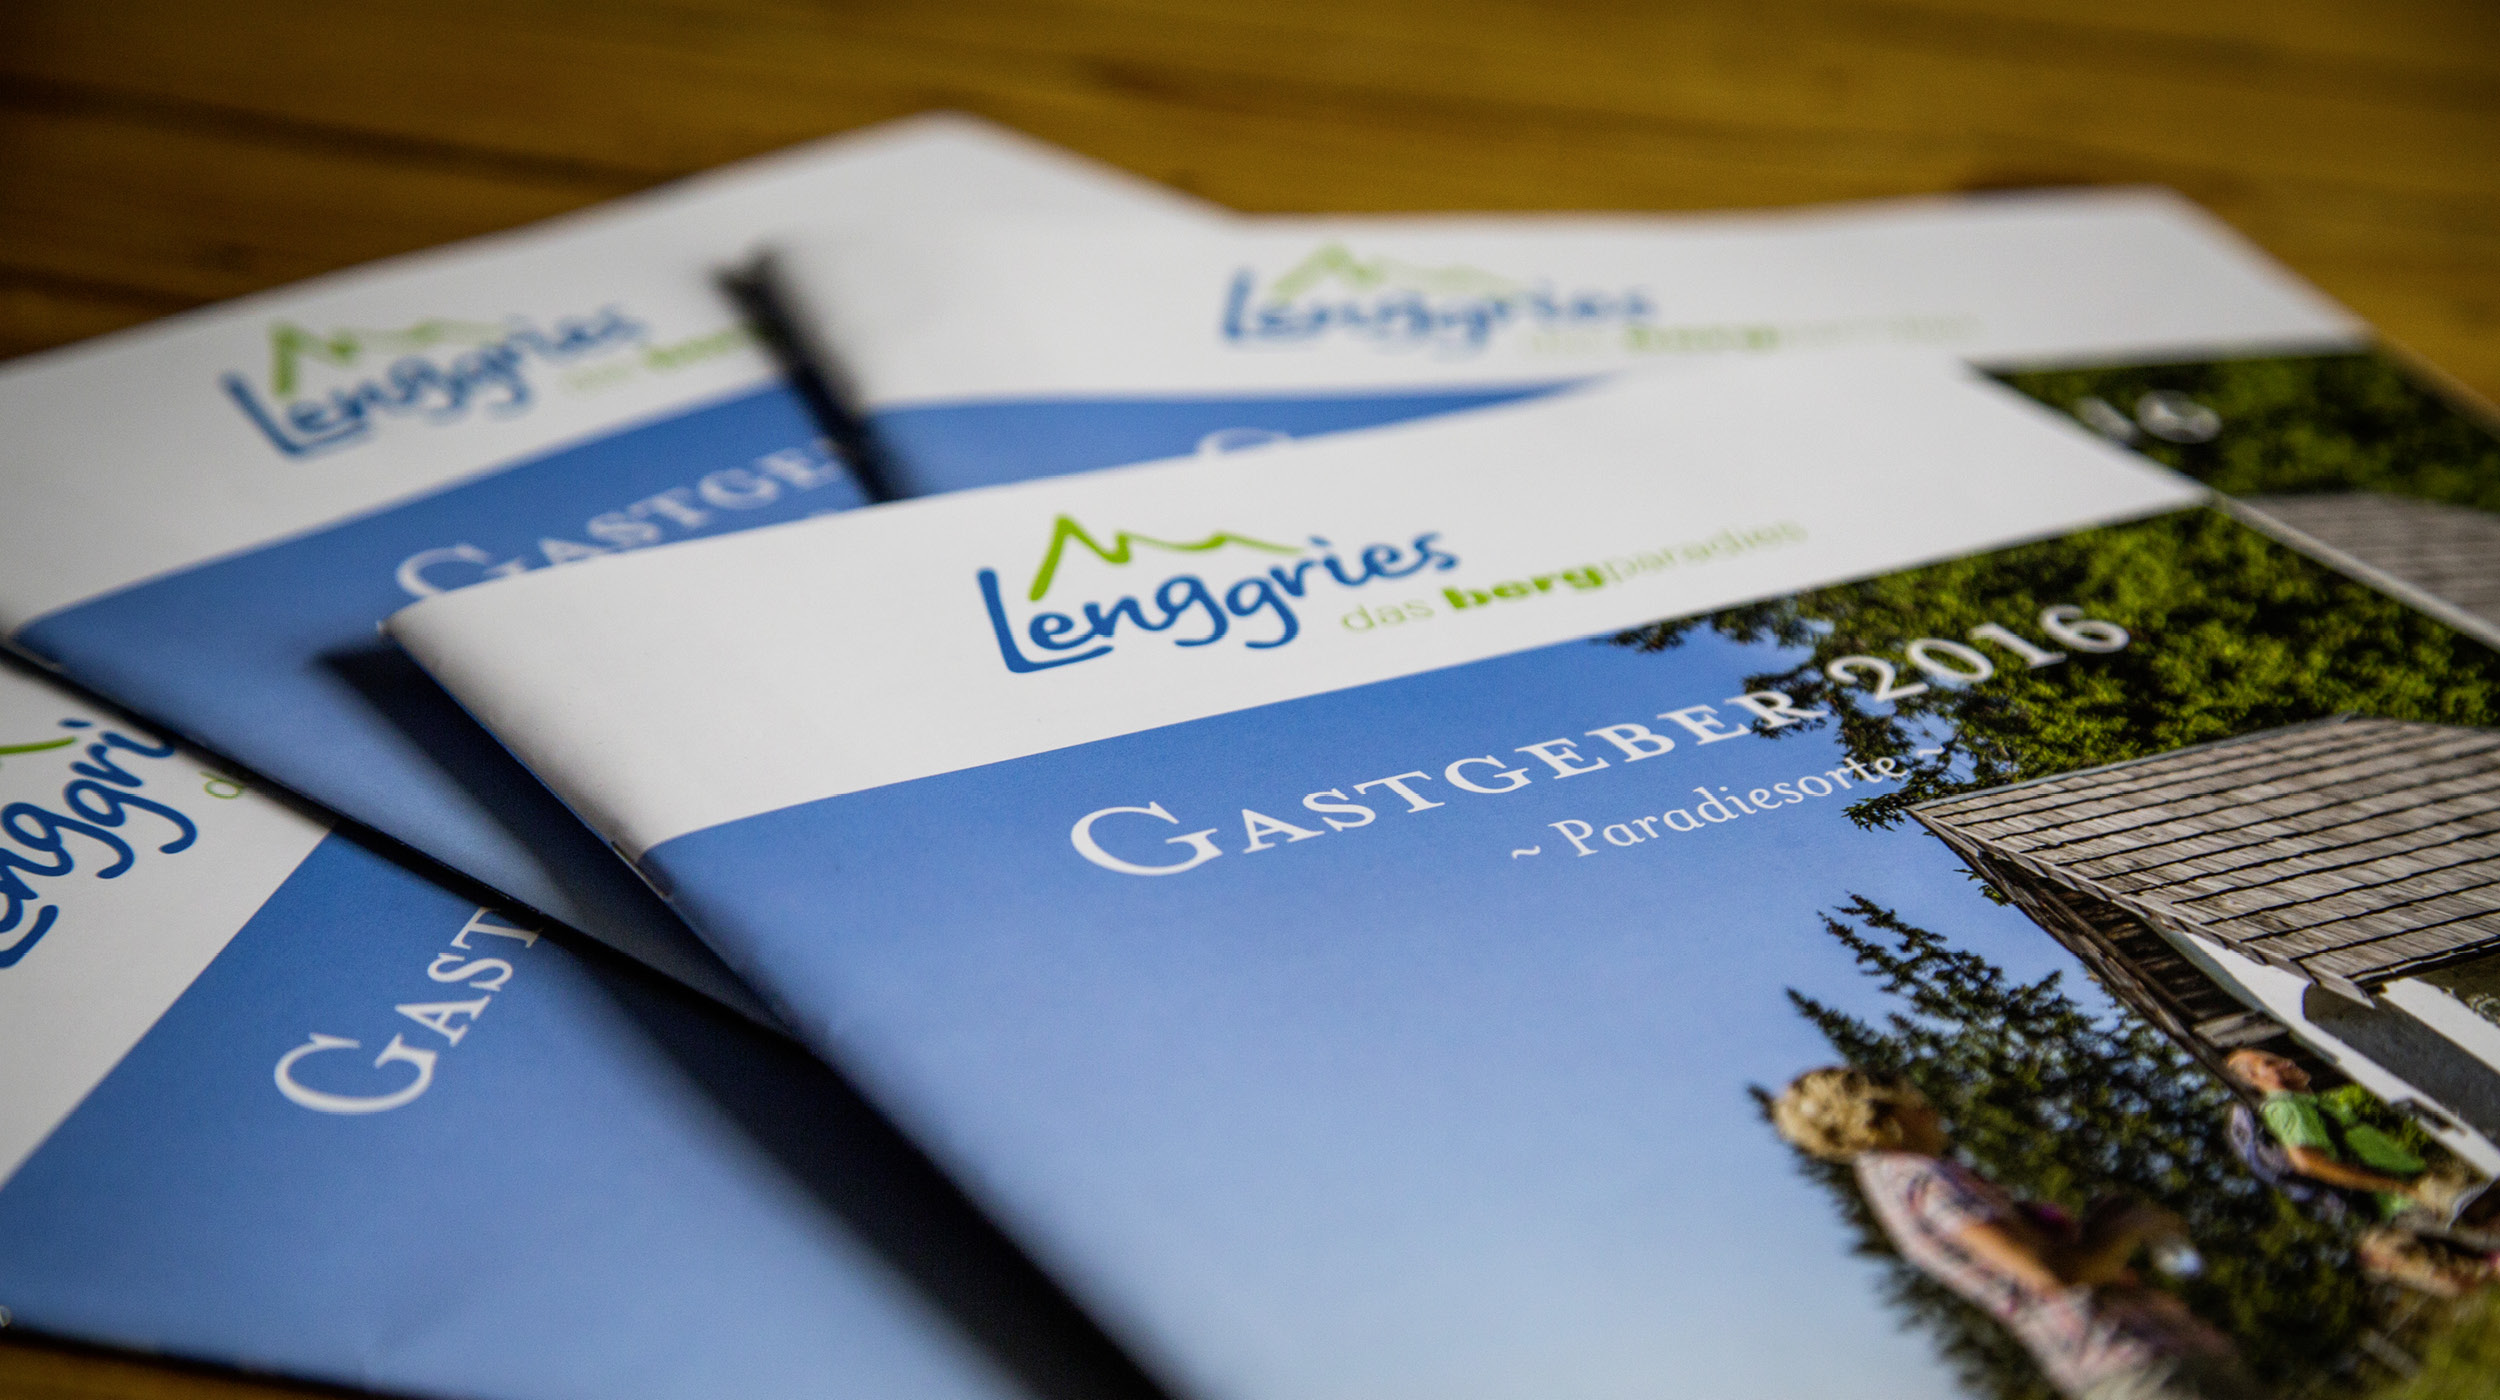 Ggv Lenggries Zusammenstellung